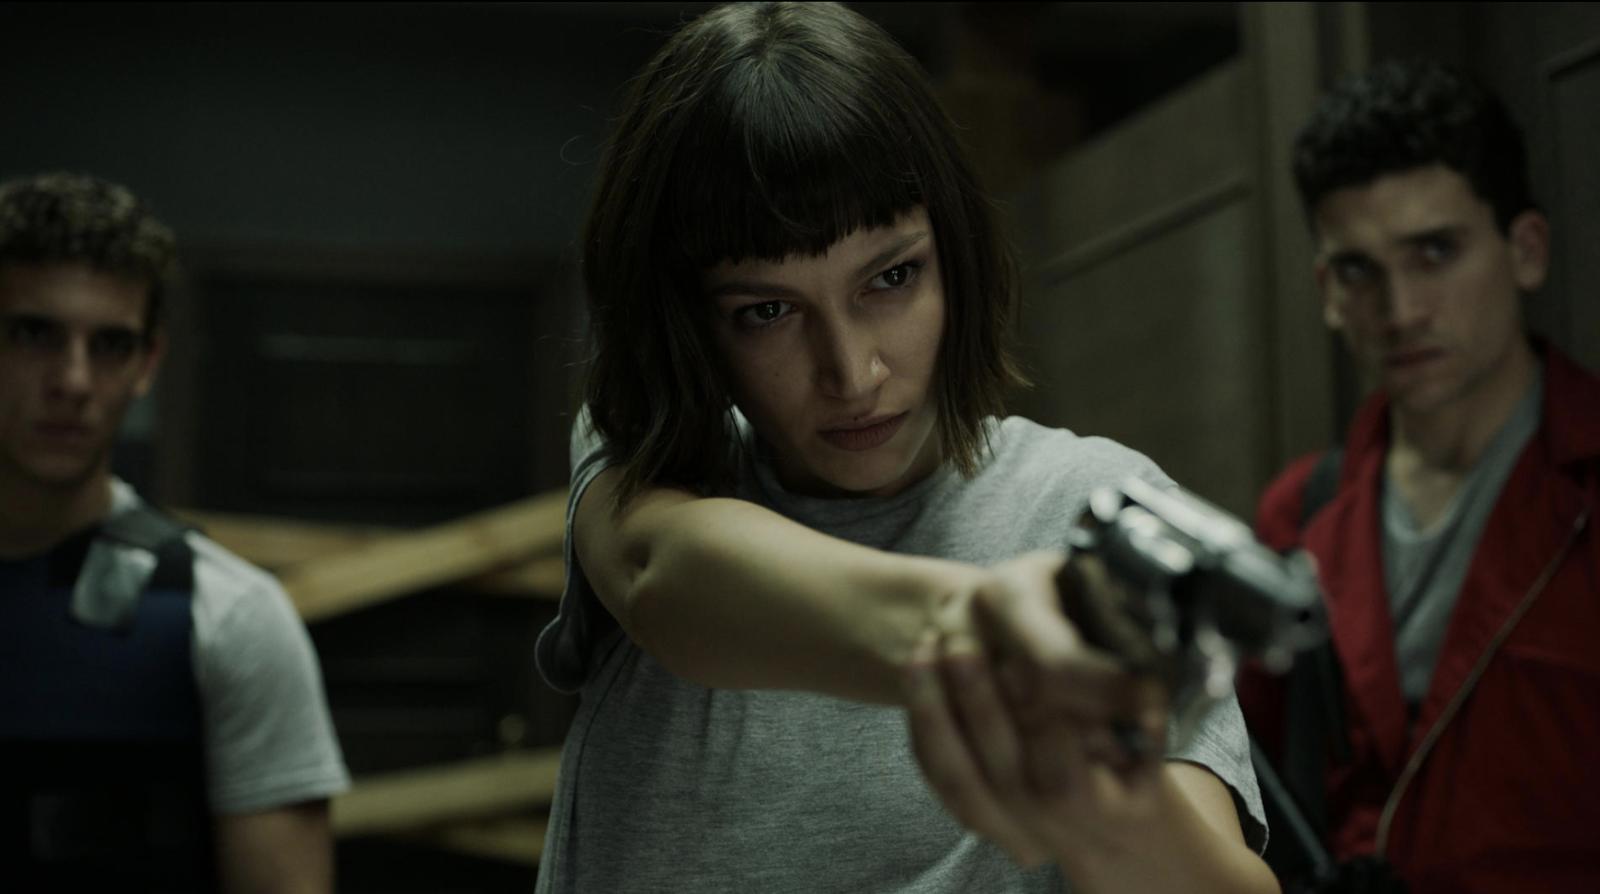 La Casa de Papel - Parte 2 llega el 6 de abril a Netflix